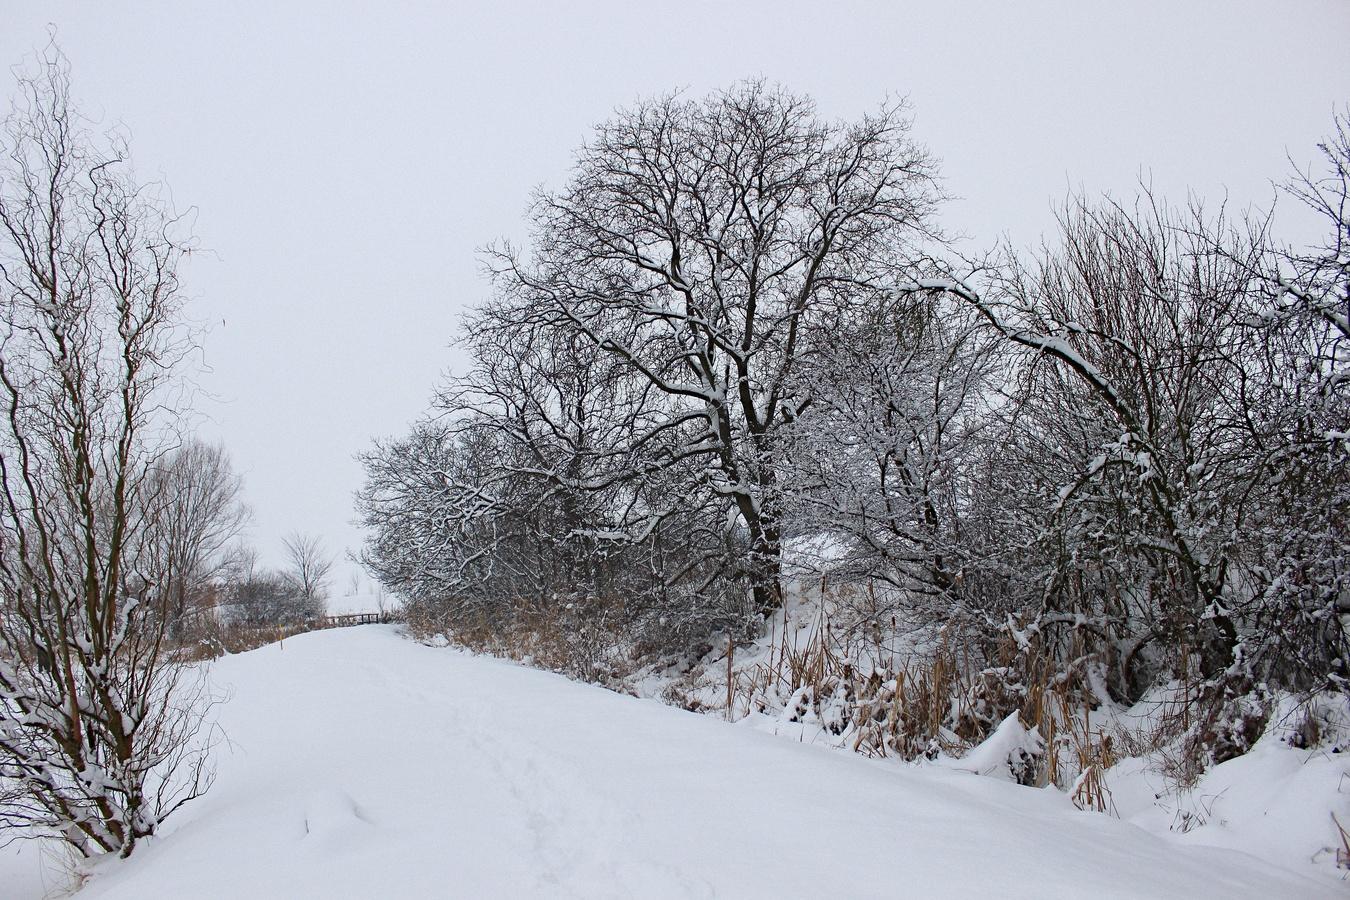 Krása zimy - cesta kolem rybníka.